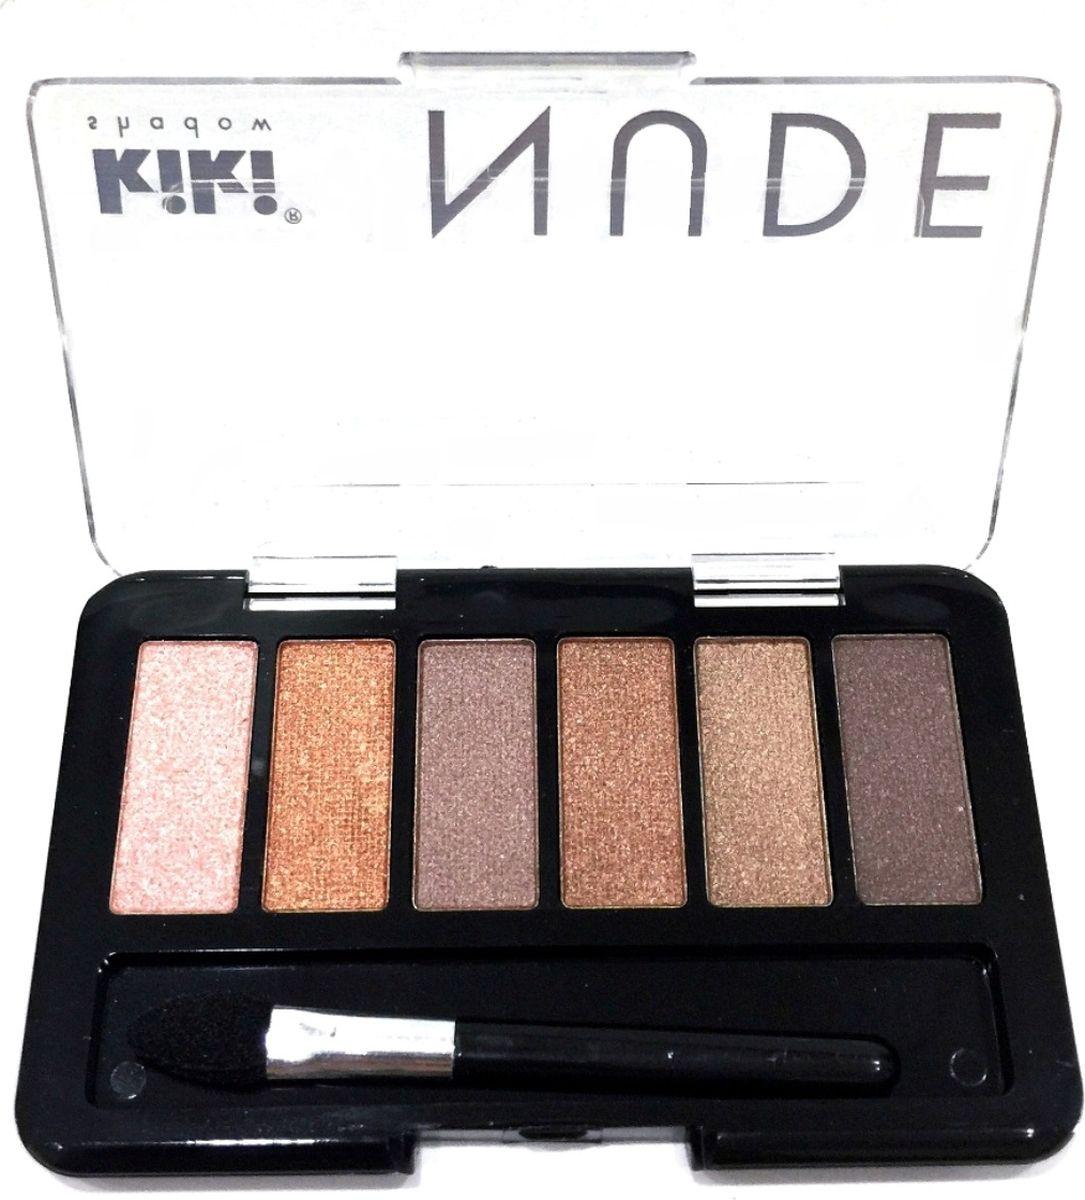 Kiki Тени для век shadow Nude 902, 2.76 гр10909902Шесть идеально подобранных оттенков в нюдовых тонах не оставят вас равнодушными. Тени обладают нежной, хорошо поддающейся растушевке текстурой. Благодаря удобному аппликатору макияж можно создавать буквально на ходу.